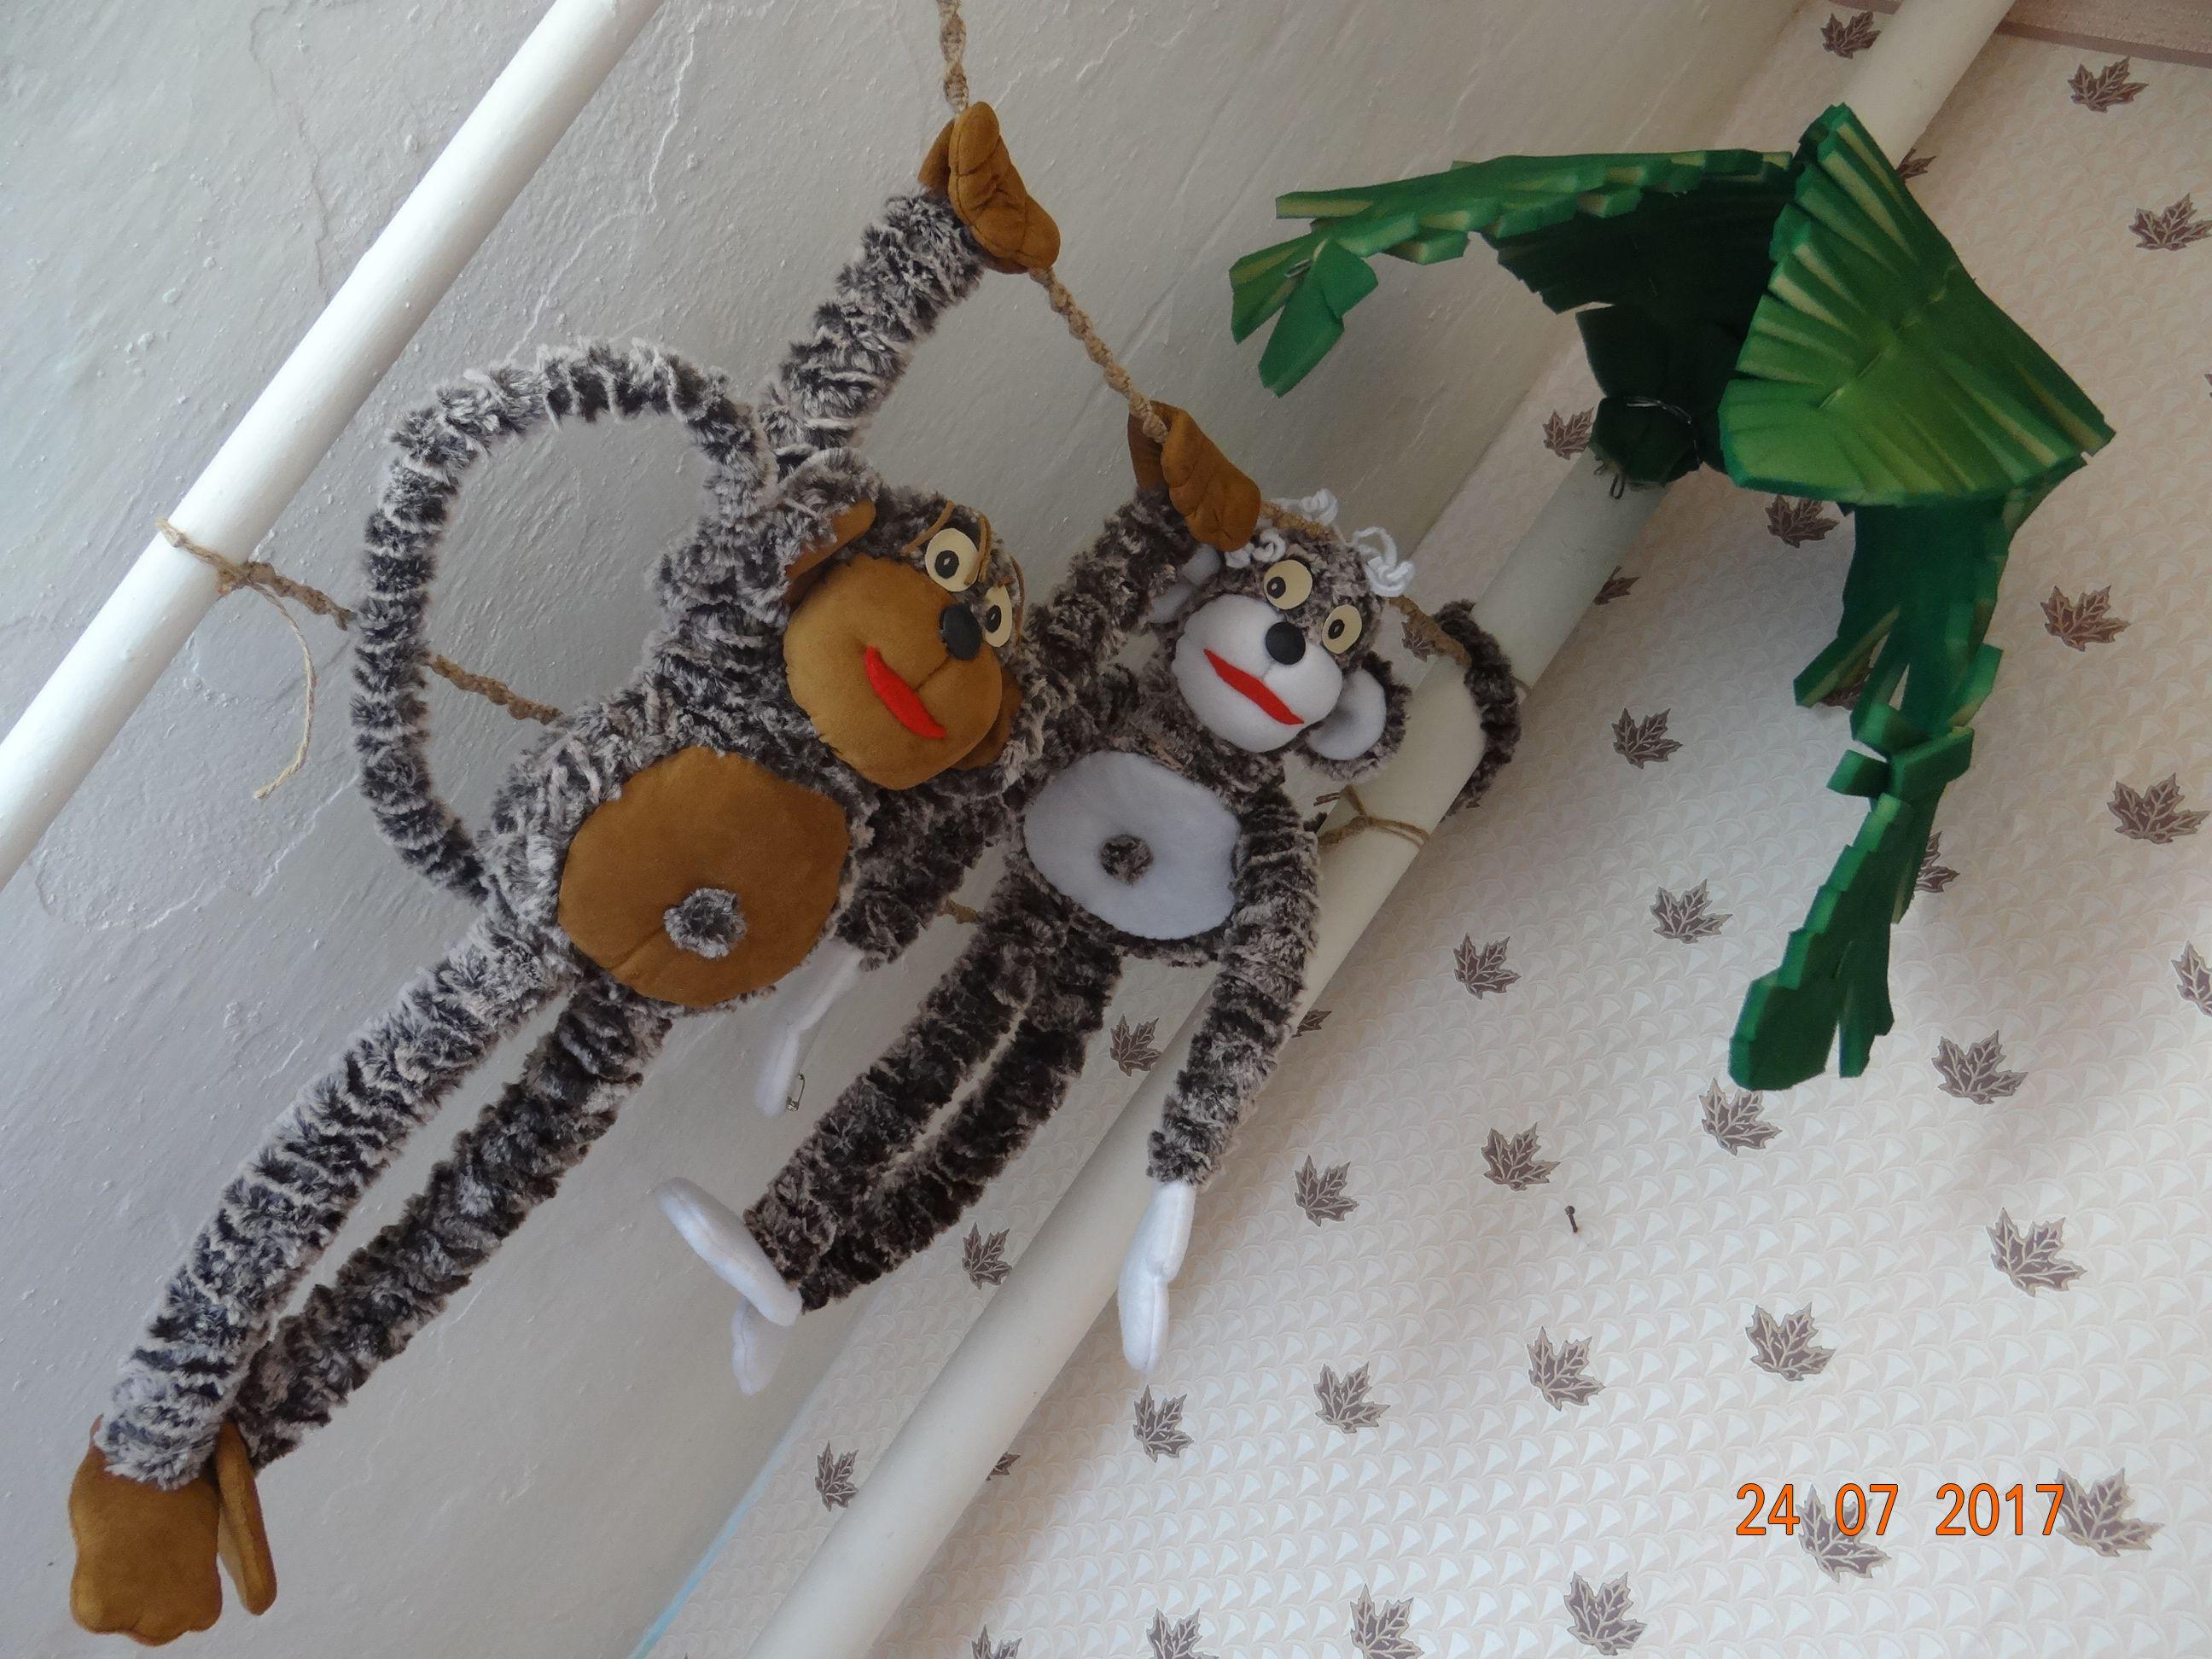 мягкие обезьяны обезьяна игрушки